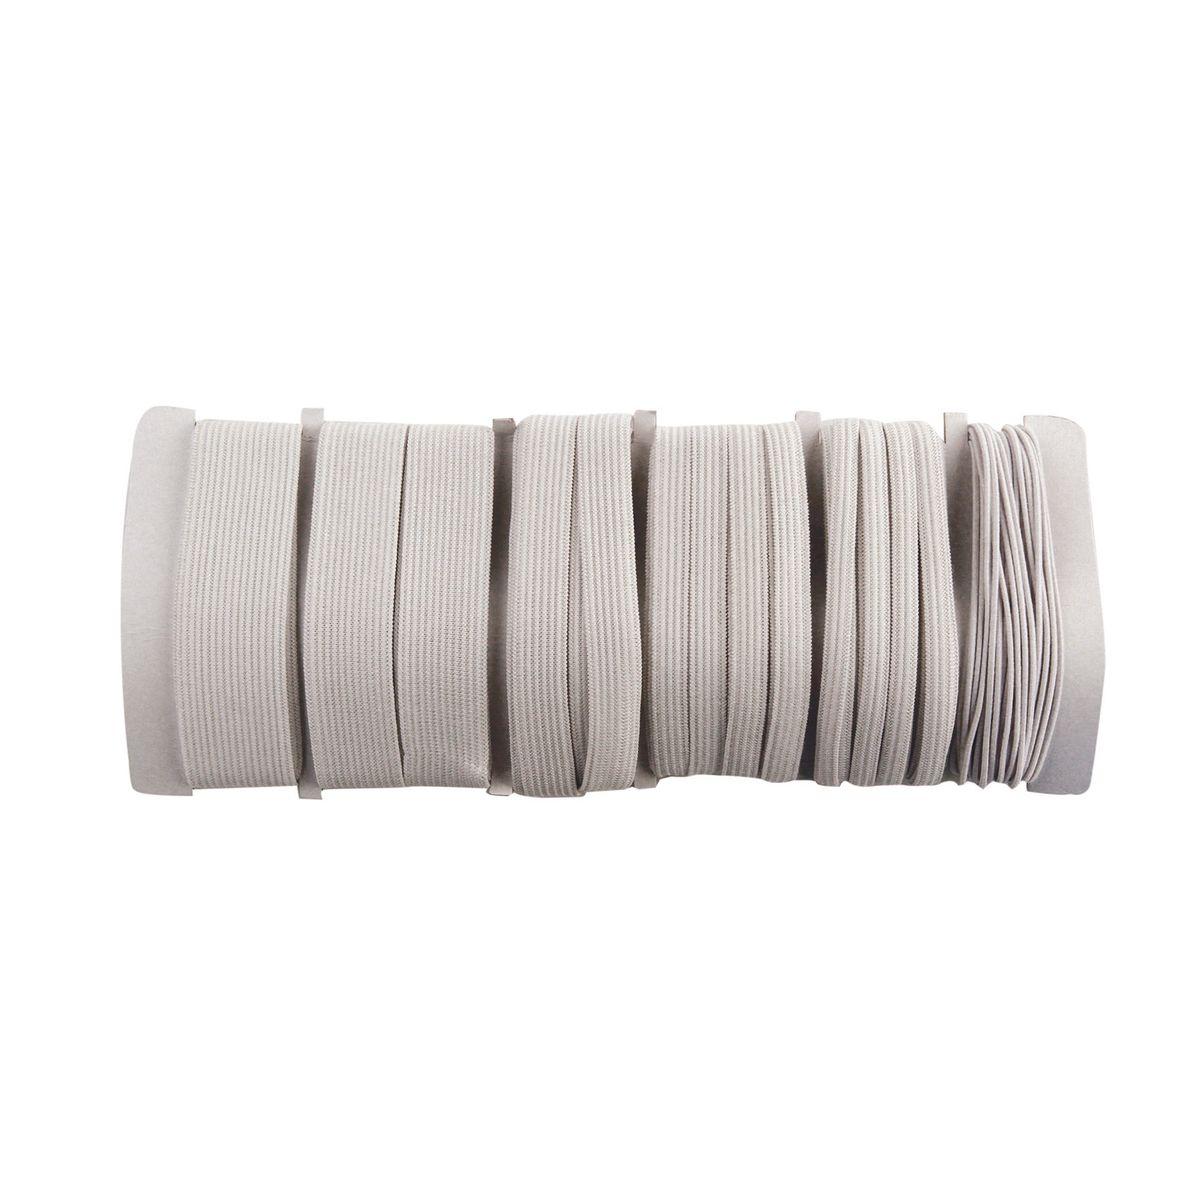 Набор эластичной ленты Kleiber, 6 шт710-15Набор Kleiber состоит из 6 видов эластичных лент: - диаметр 1,2 мм, длина 6 м (68% эластан, 32% полиэстер), - ширина 6 мм, длина 6 м (55% полиэстер, 45% эластан), - ширина 8 мм, длина 5 м (57% полиэстер, 43% эластан), - ширина 13 мм, длина 3 м (56% полиэстер, 44% эластан), - ширина 20 мм, длина 2 м (57% полиэстер, 43% эластан), - ширина 25 мм, длина 1 м (58% полиэстер, 42% эластан), Комплектация: 6 шт.